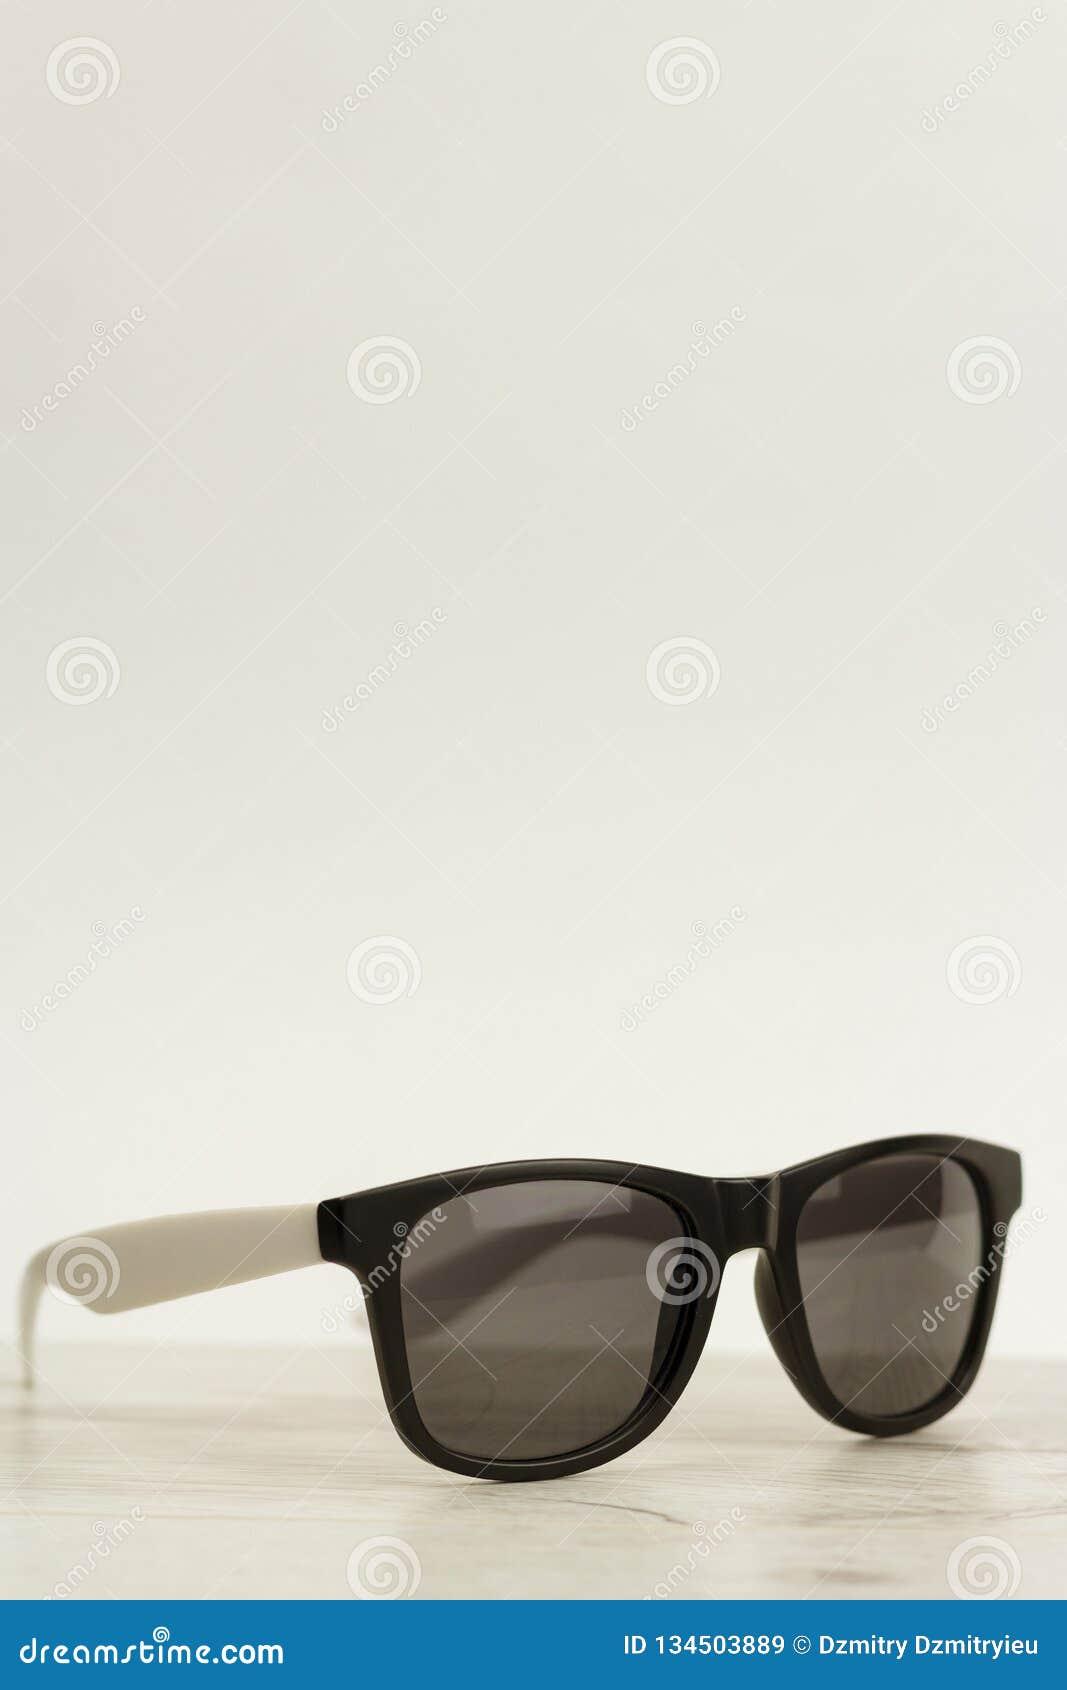 f08af9f3b4 Gafas de sol en un fondo de madera ligero con el espacio para la copia